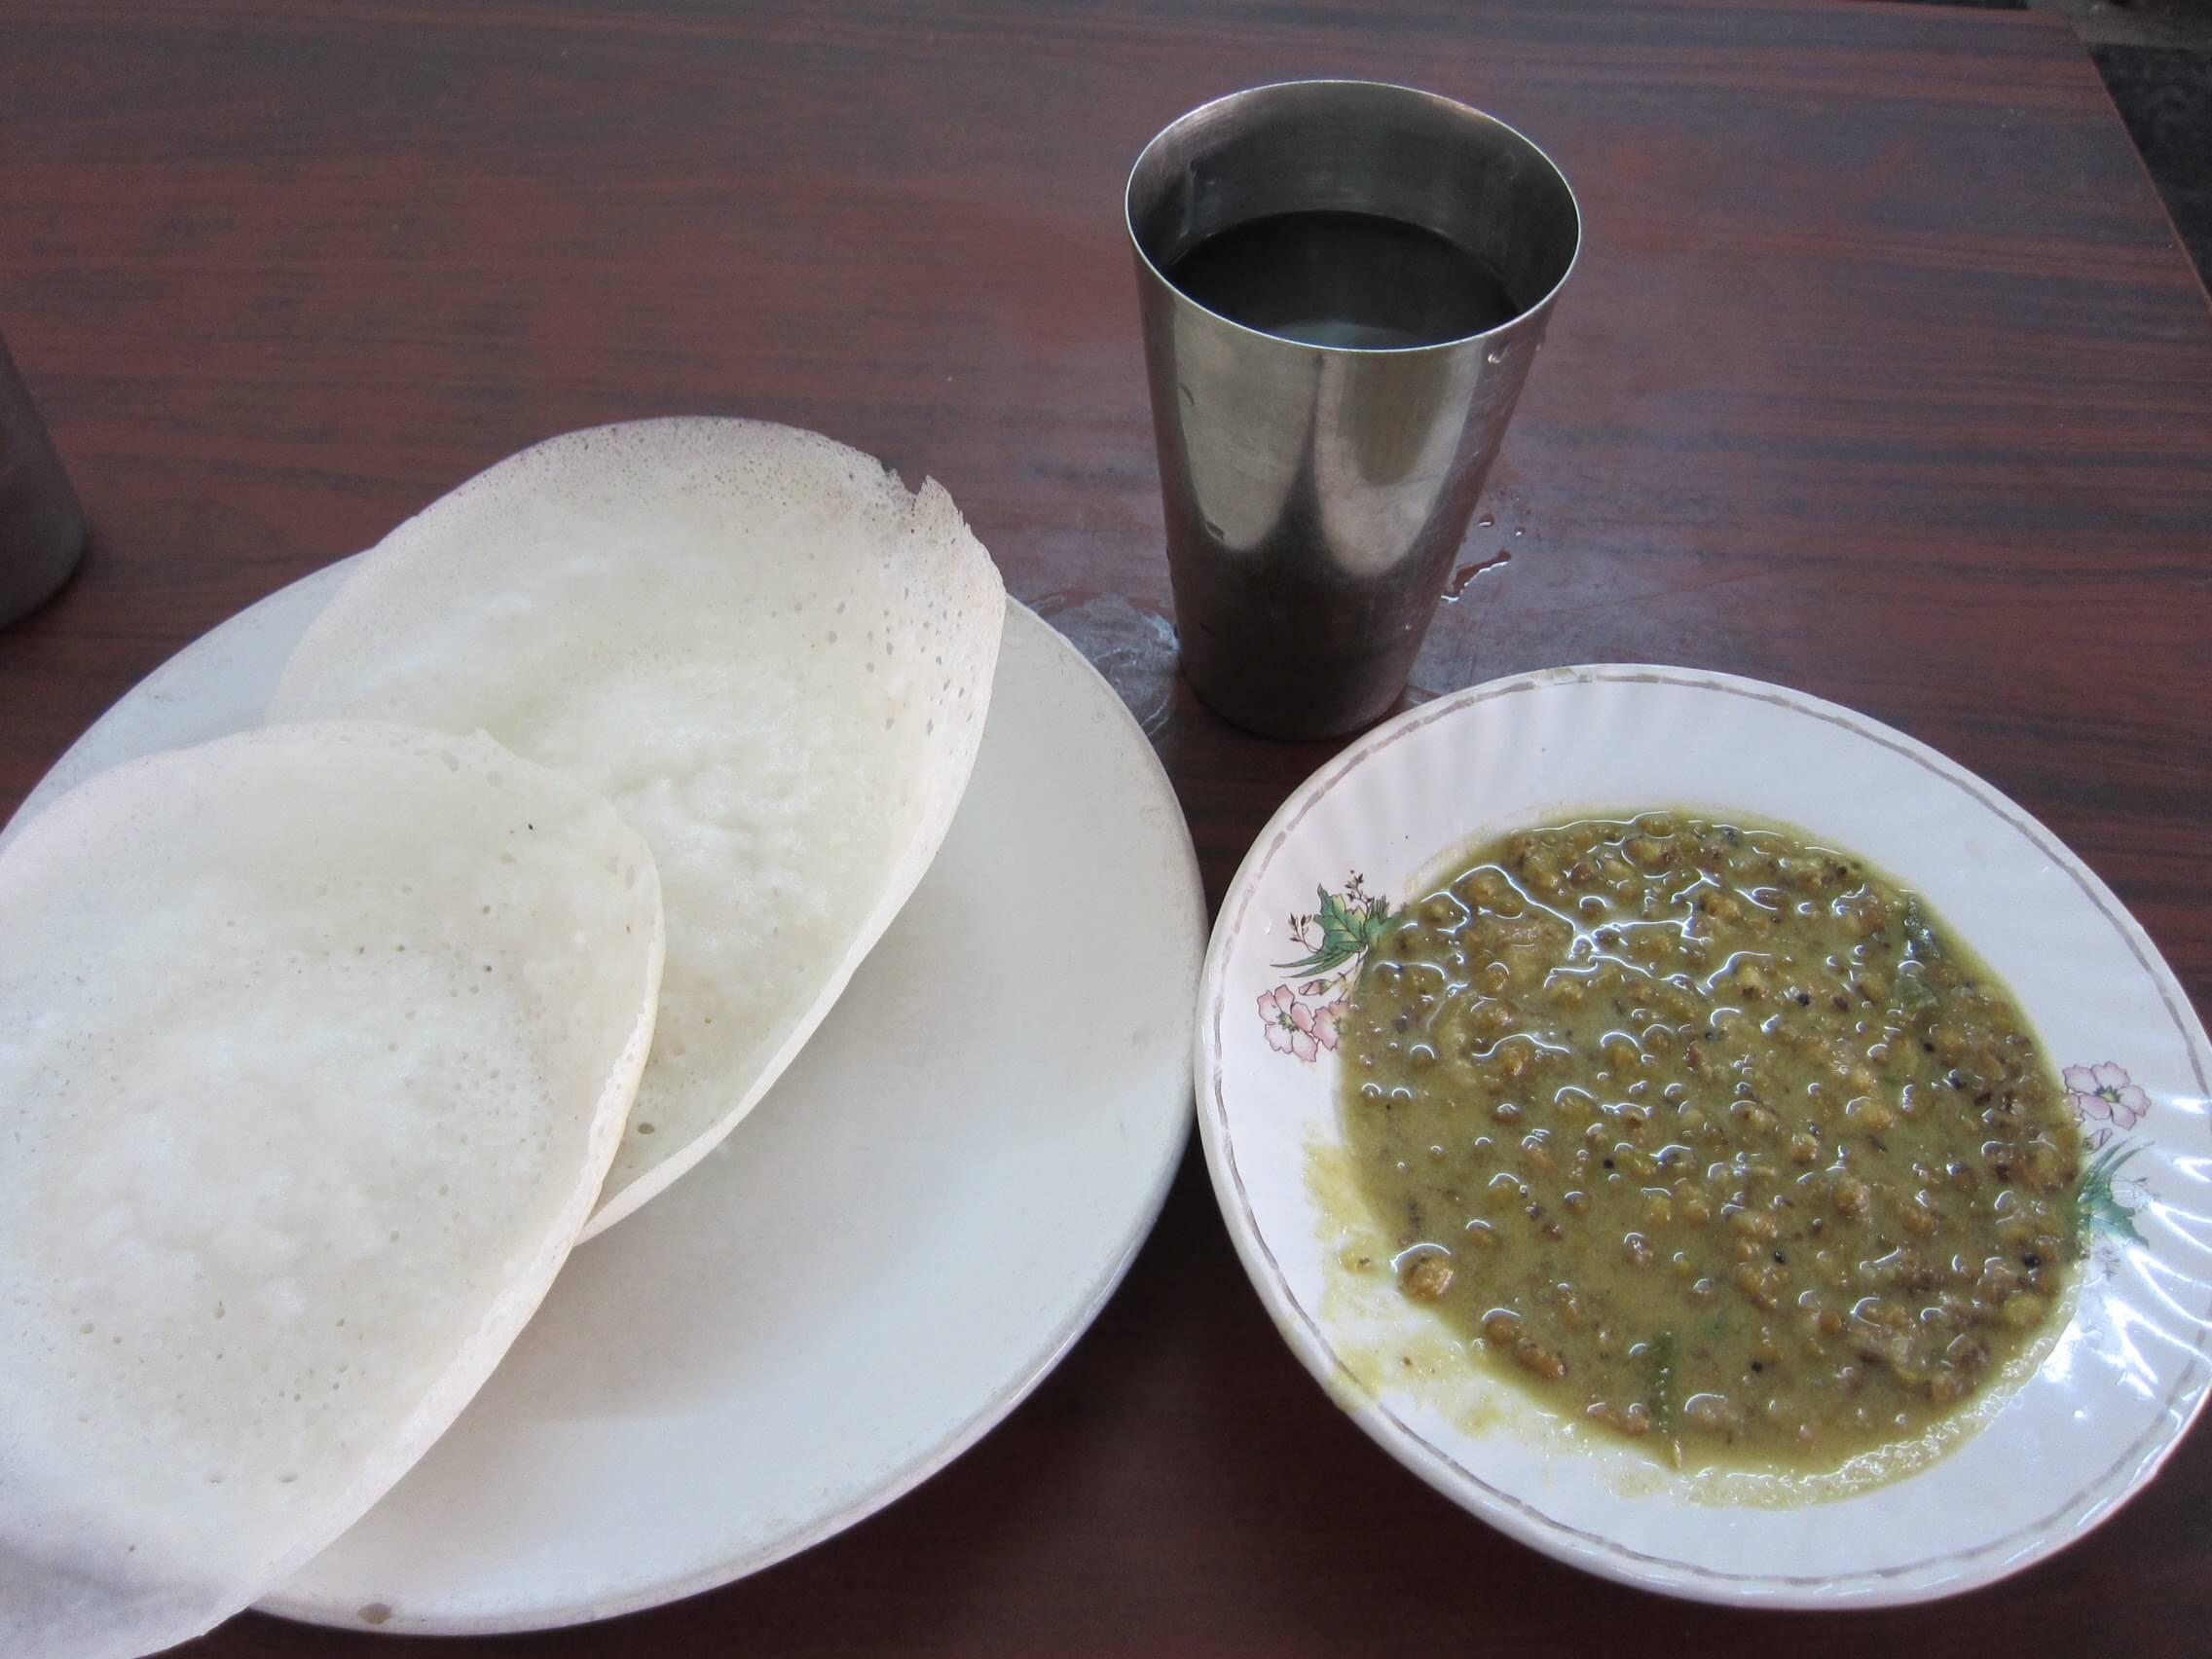 オンデンホテルの姉妹店Sharanyaのお湯、アッパム、緑豆カレー